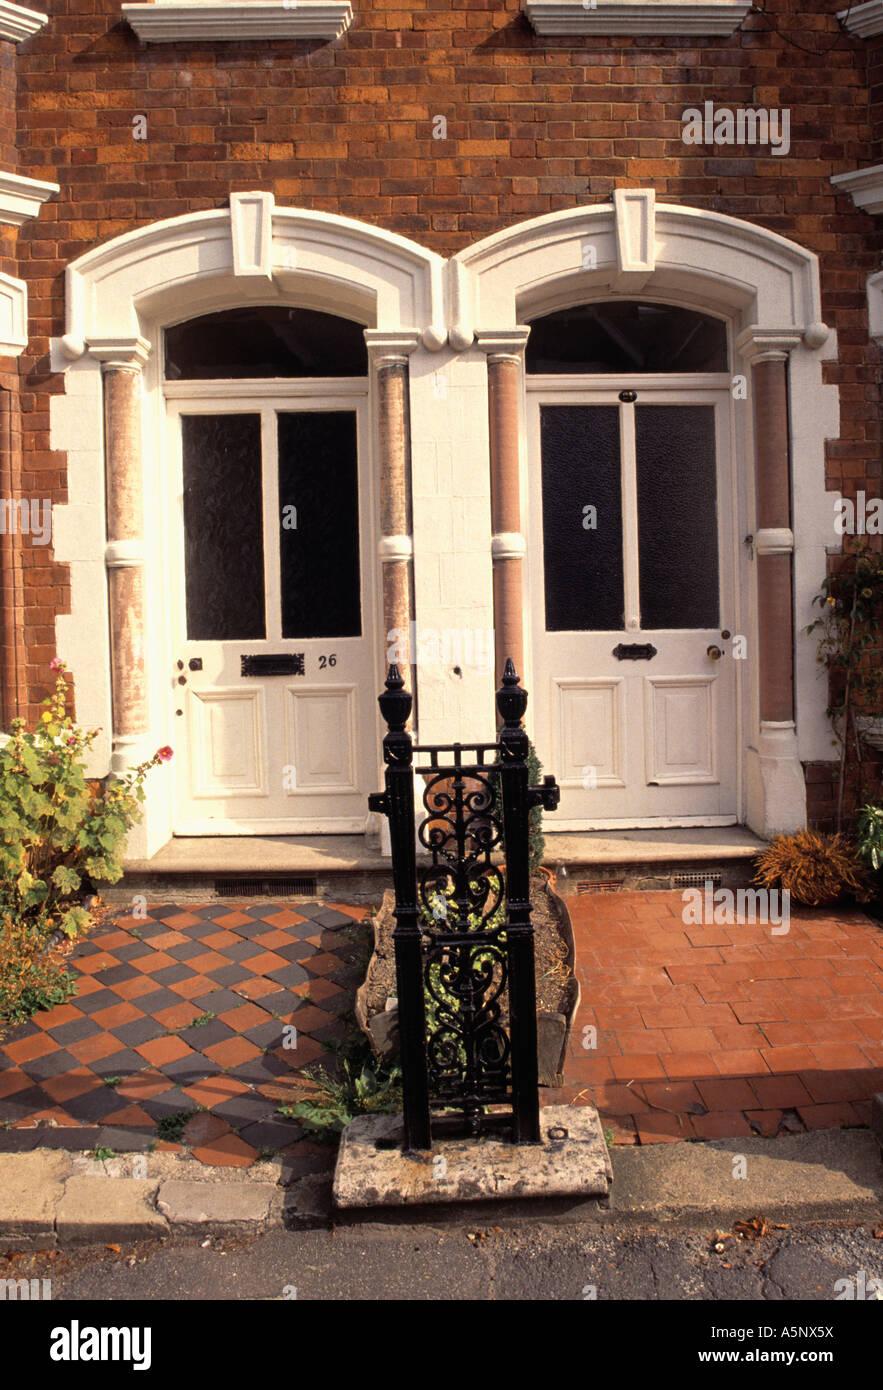 Rutas de azulejos separados por verja de hierro y puertas de terraza eduardiana foto imagen de - Azulejos para terraza ...